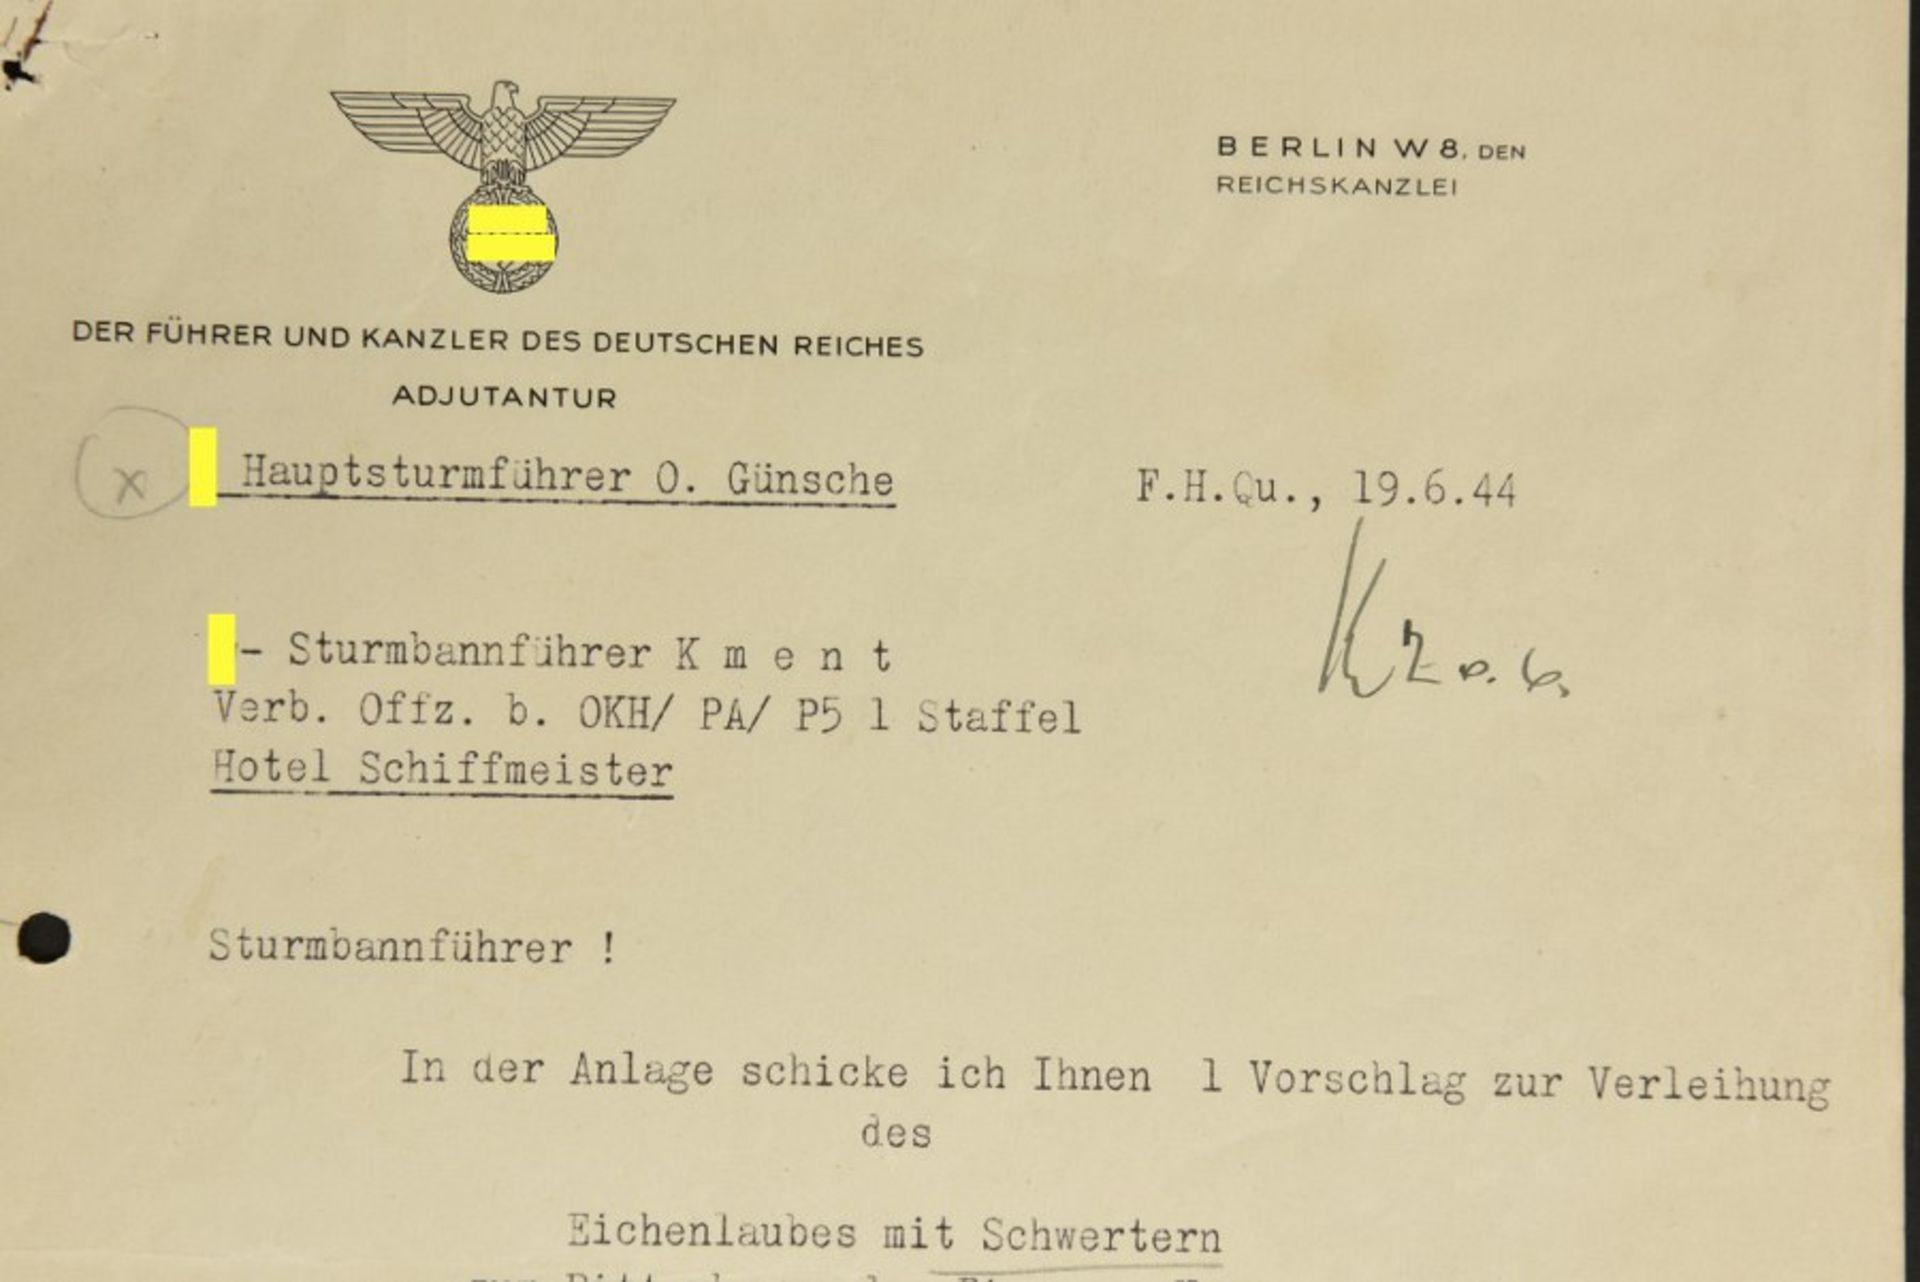 Los 31 - Mickael Wittmann Courrier envoyé par Otto Günsche, adjudant d'Adolf Hitler pour la SS. Daté du 19